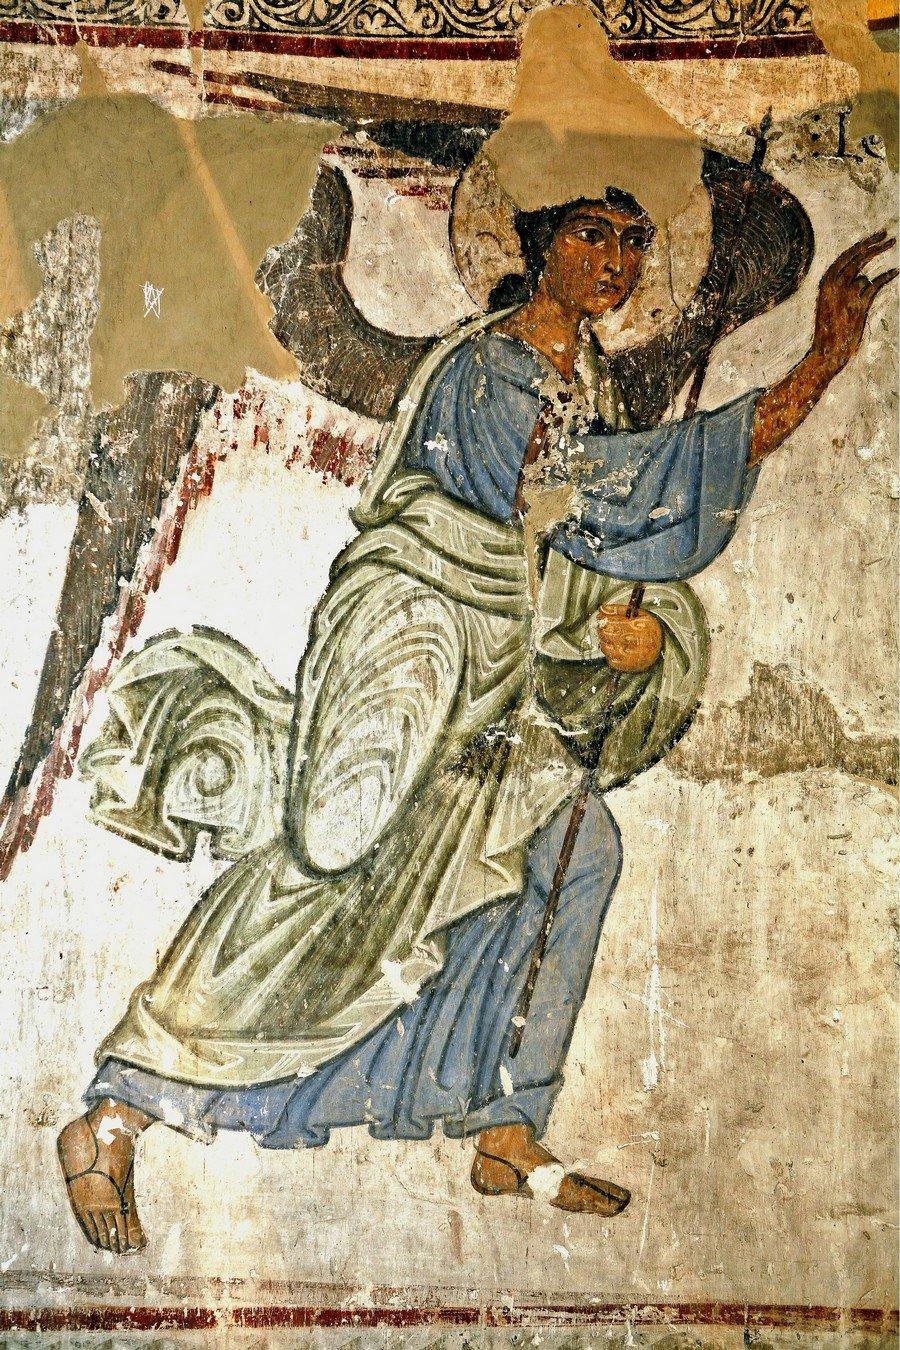 Архангел Гавриил. Фреска храма Атени Сиони (Атенский Сион), Грузия. 1080 год.